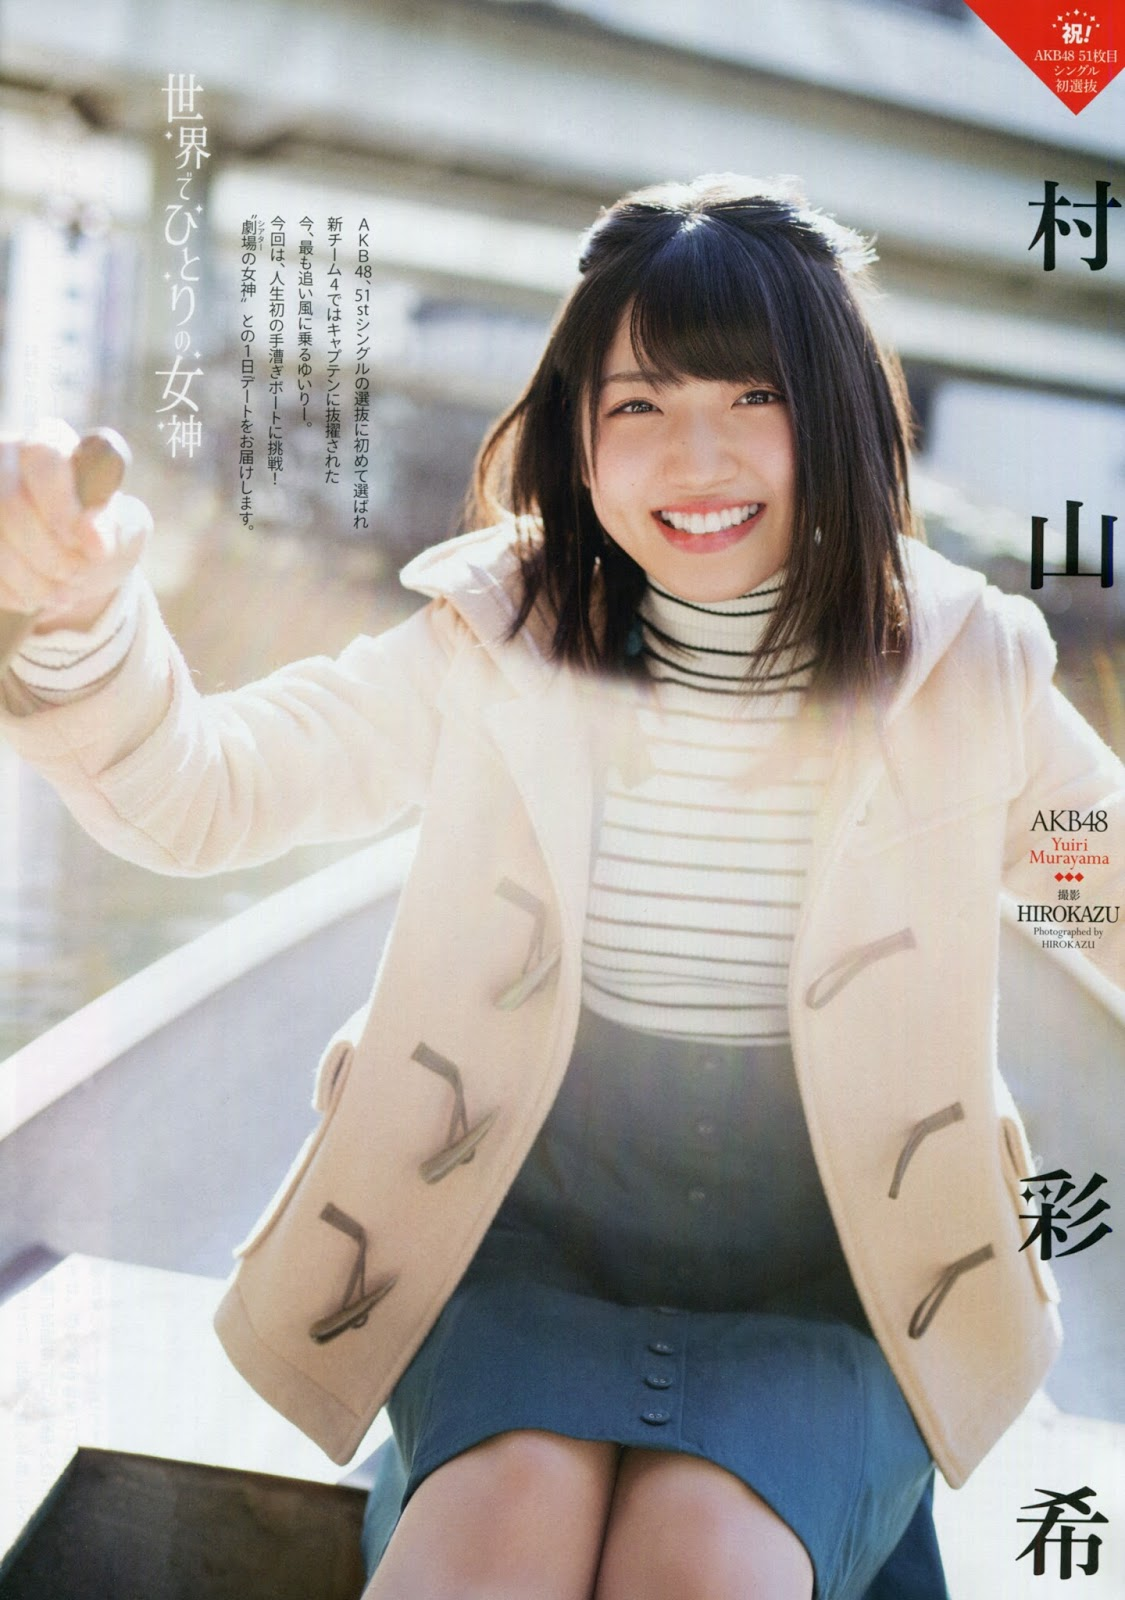 Murayama Yuiri 村山彩希, ENTAME 2018 No.04 (月刊エンタメ 2018年4月号)